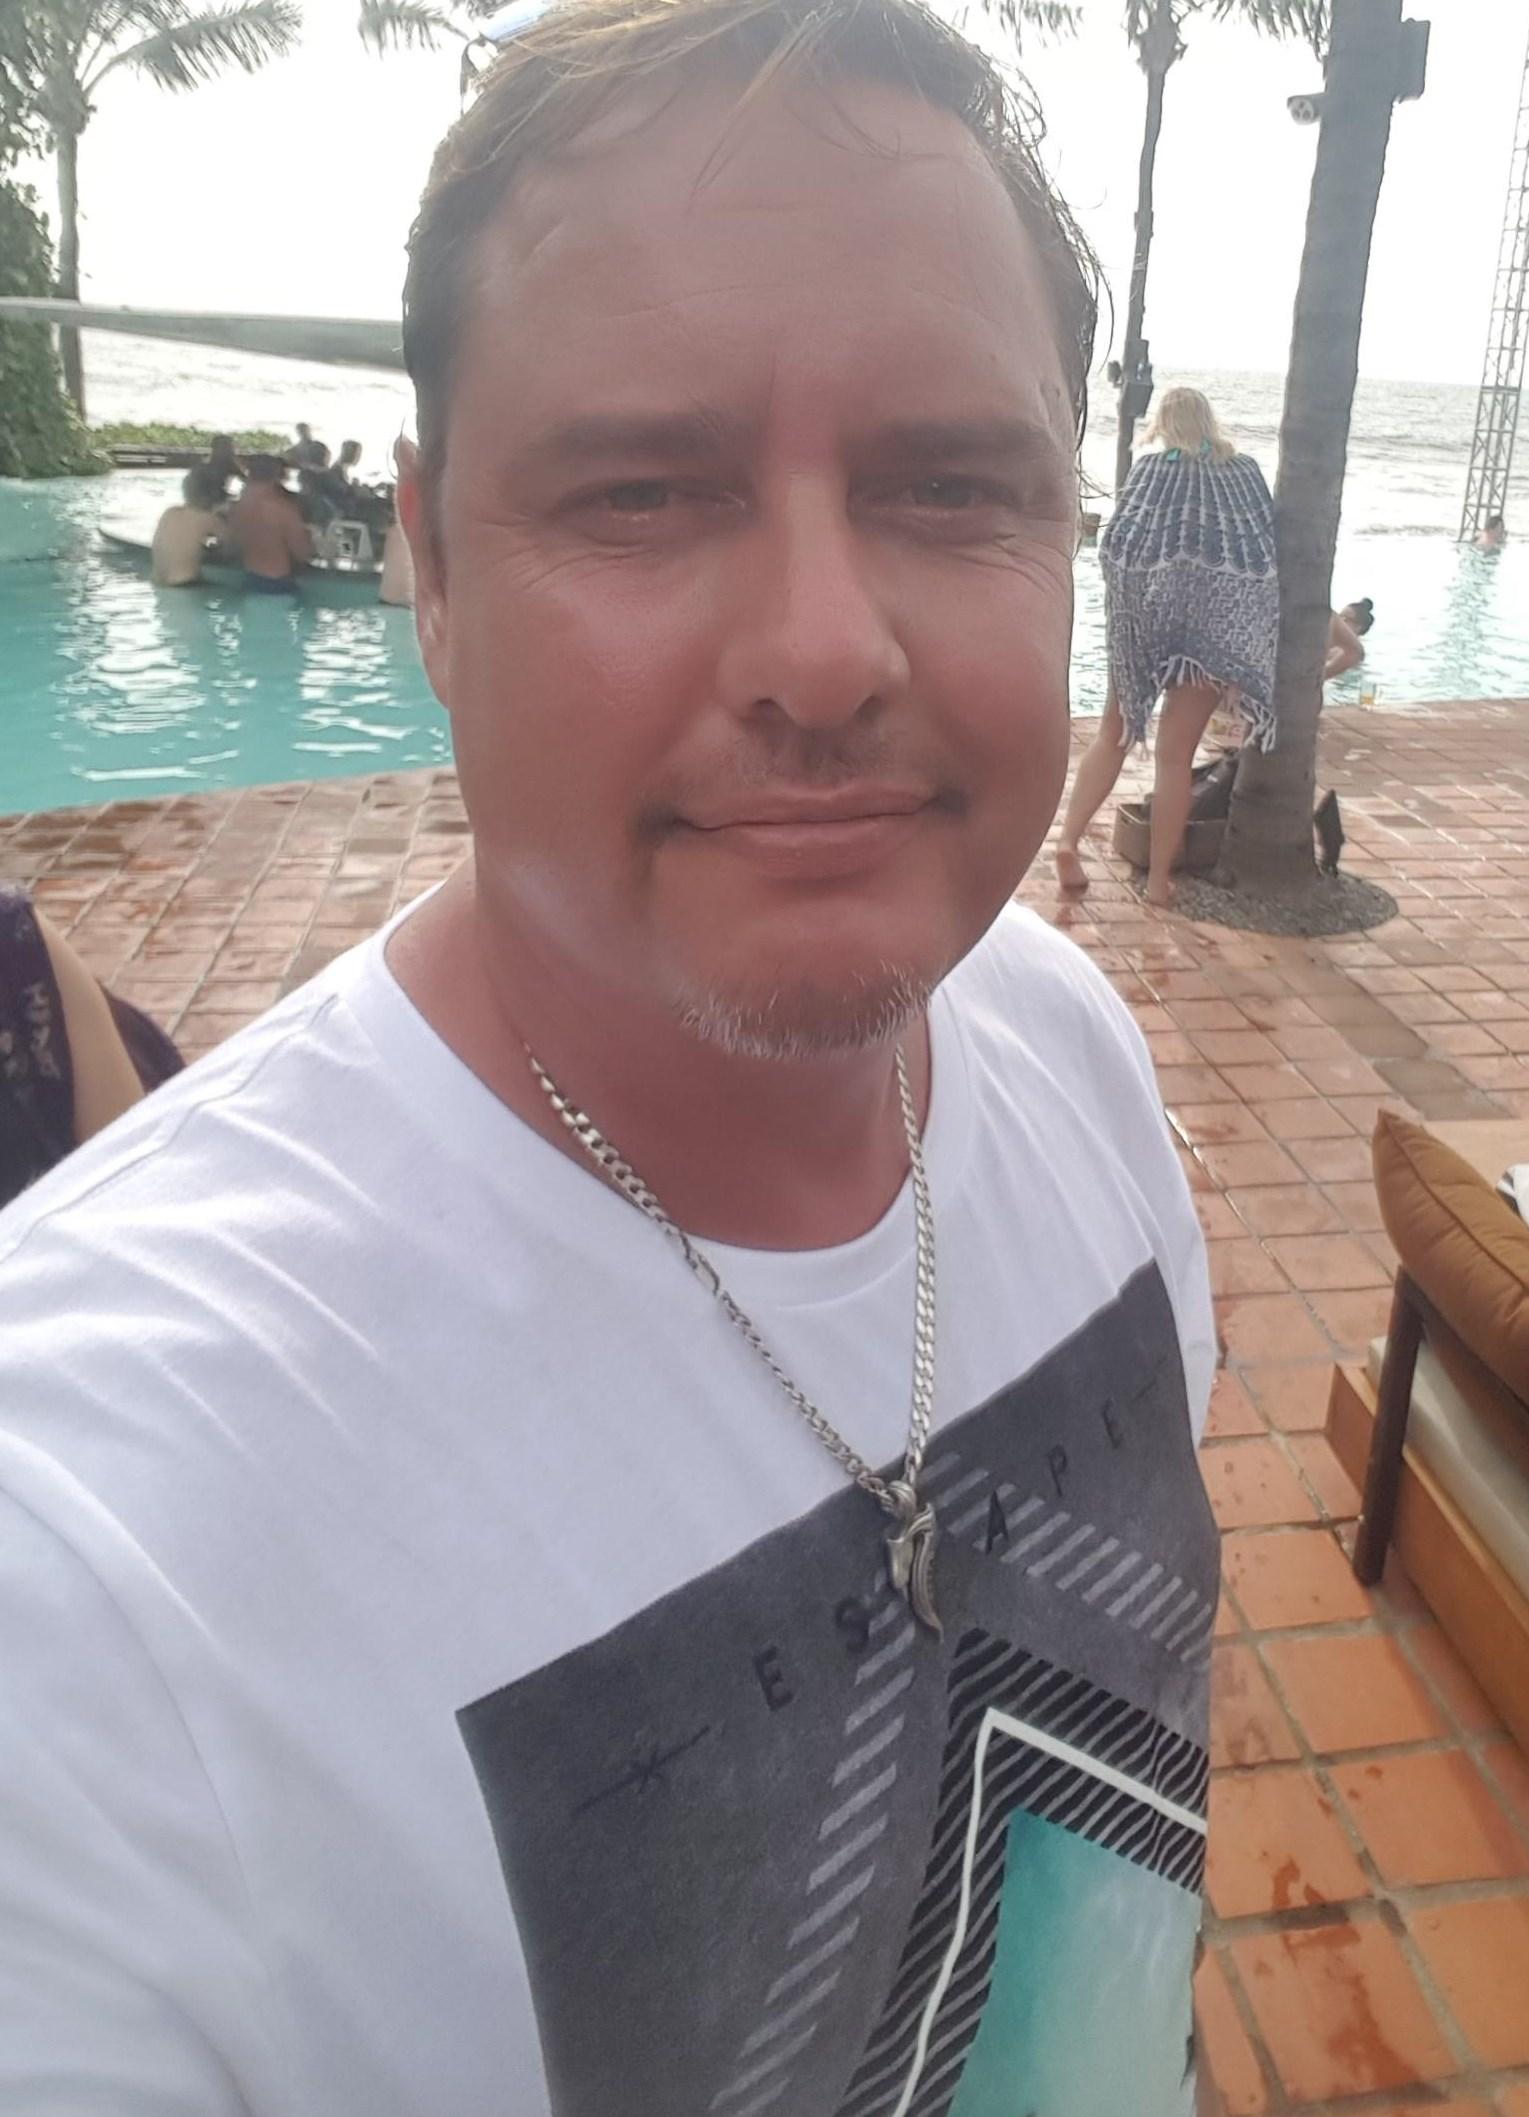 Ulrico Garrido kenchan, soy de Castile–León, ciudad Soria, tengo 49 años